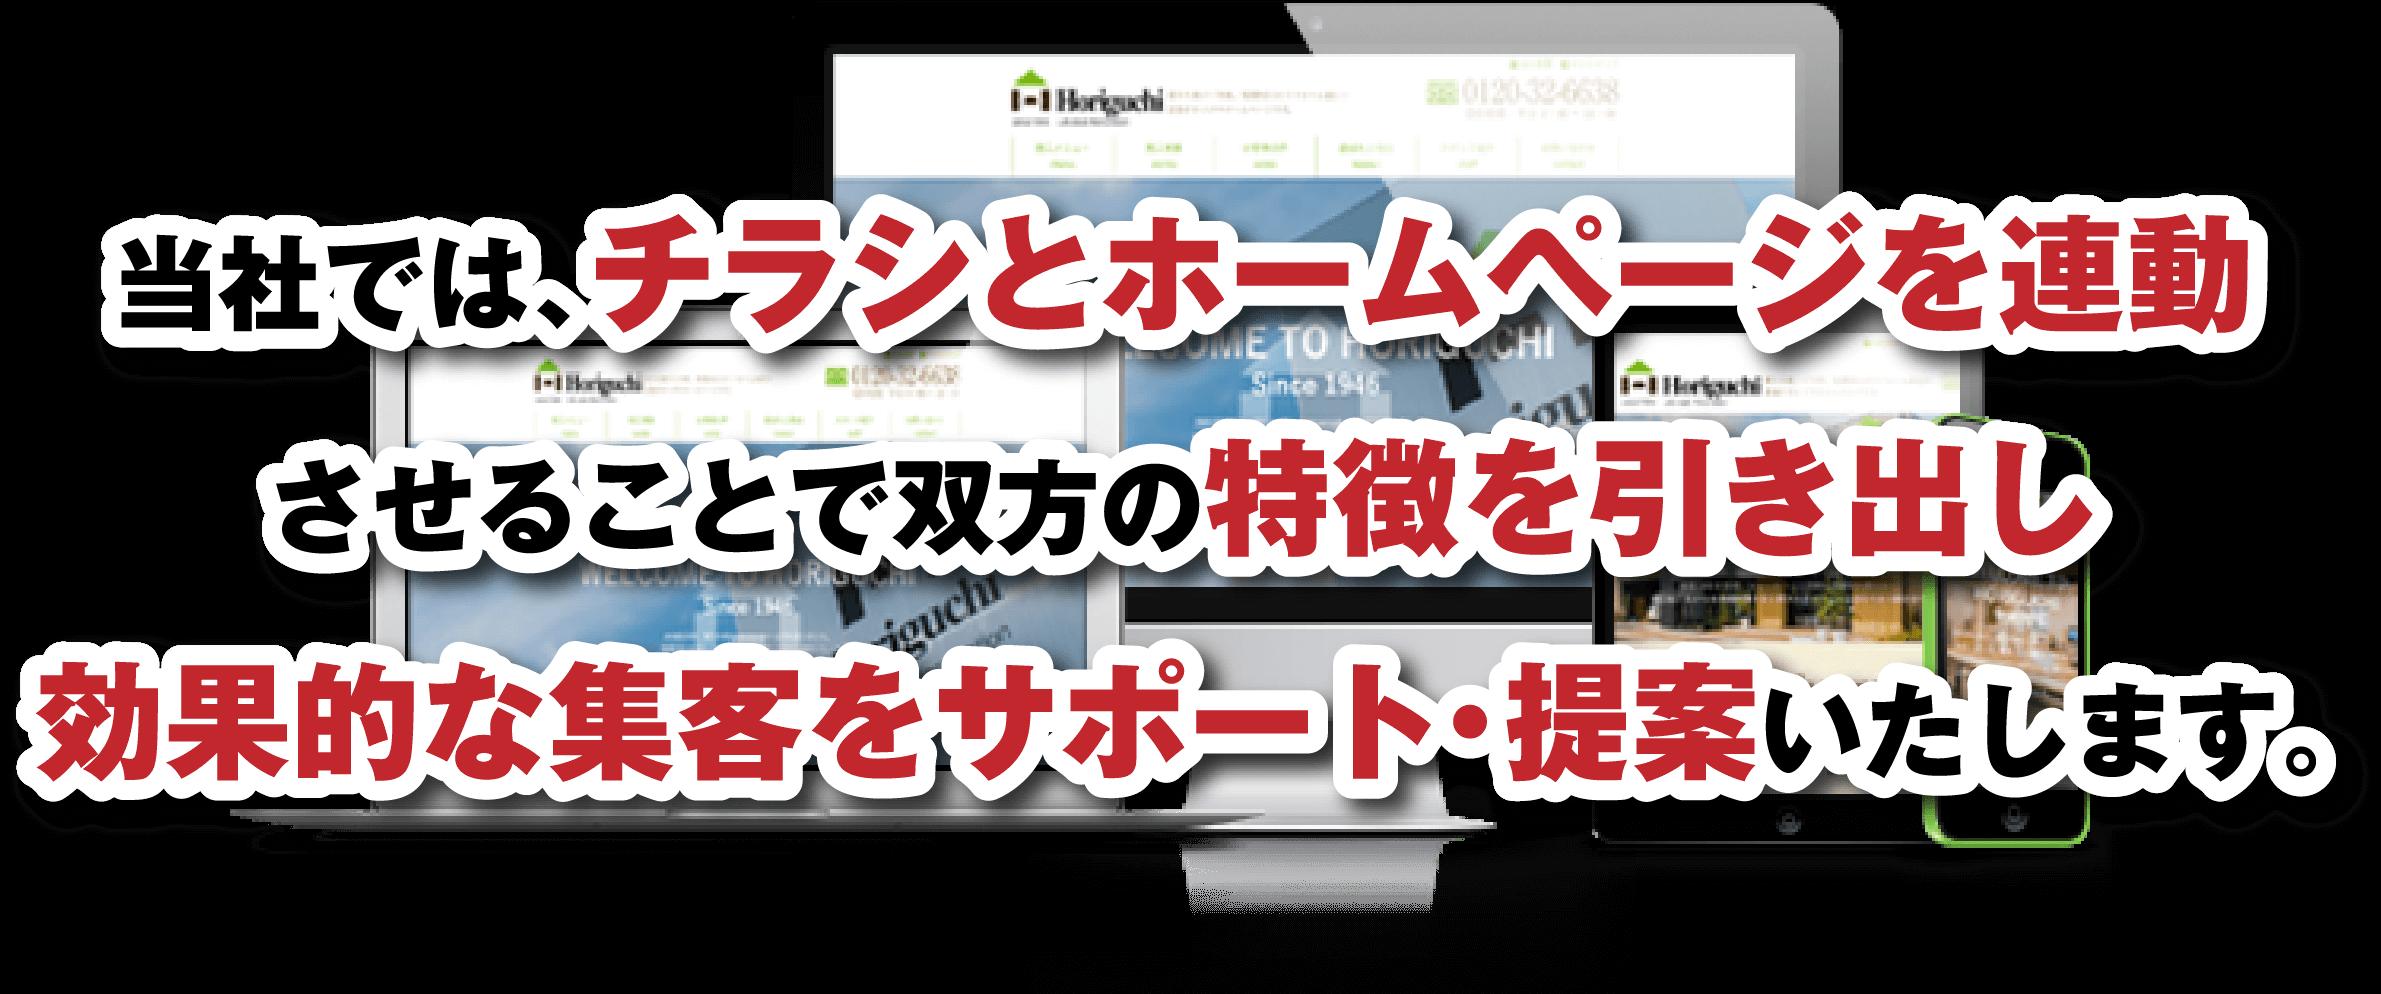 当社では、チラシとホームページを連動させることで双方の特徴を引き出し効果的な集客をサポート・提案いたします。